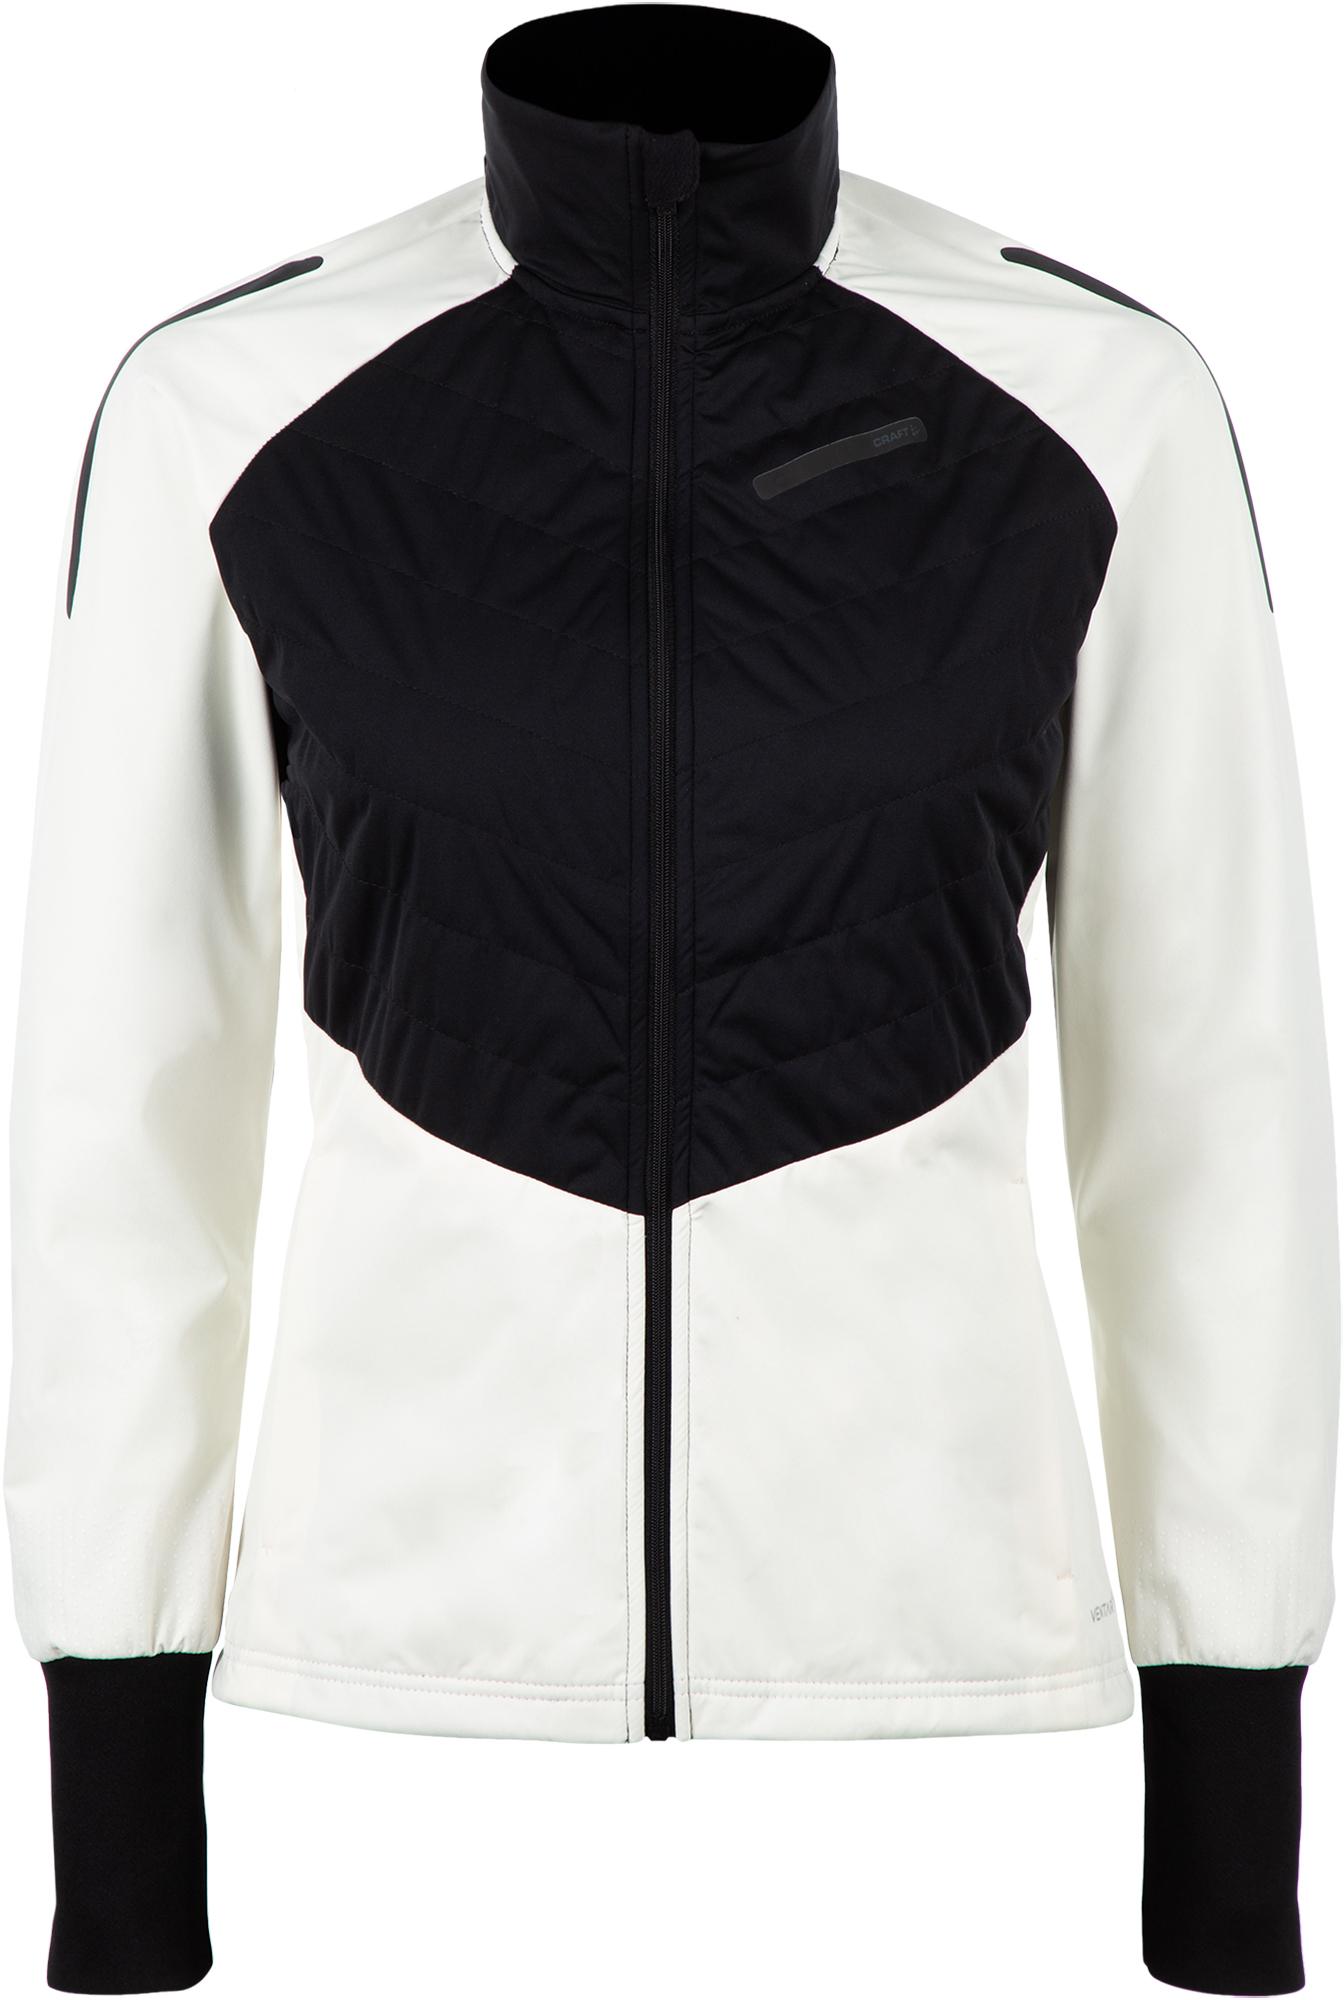 Craft Куртка женская Storm Balance, размер 48-50